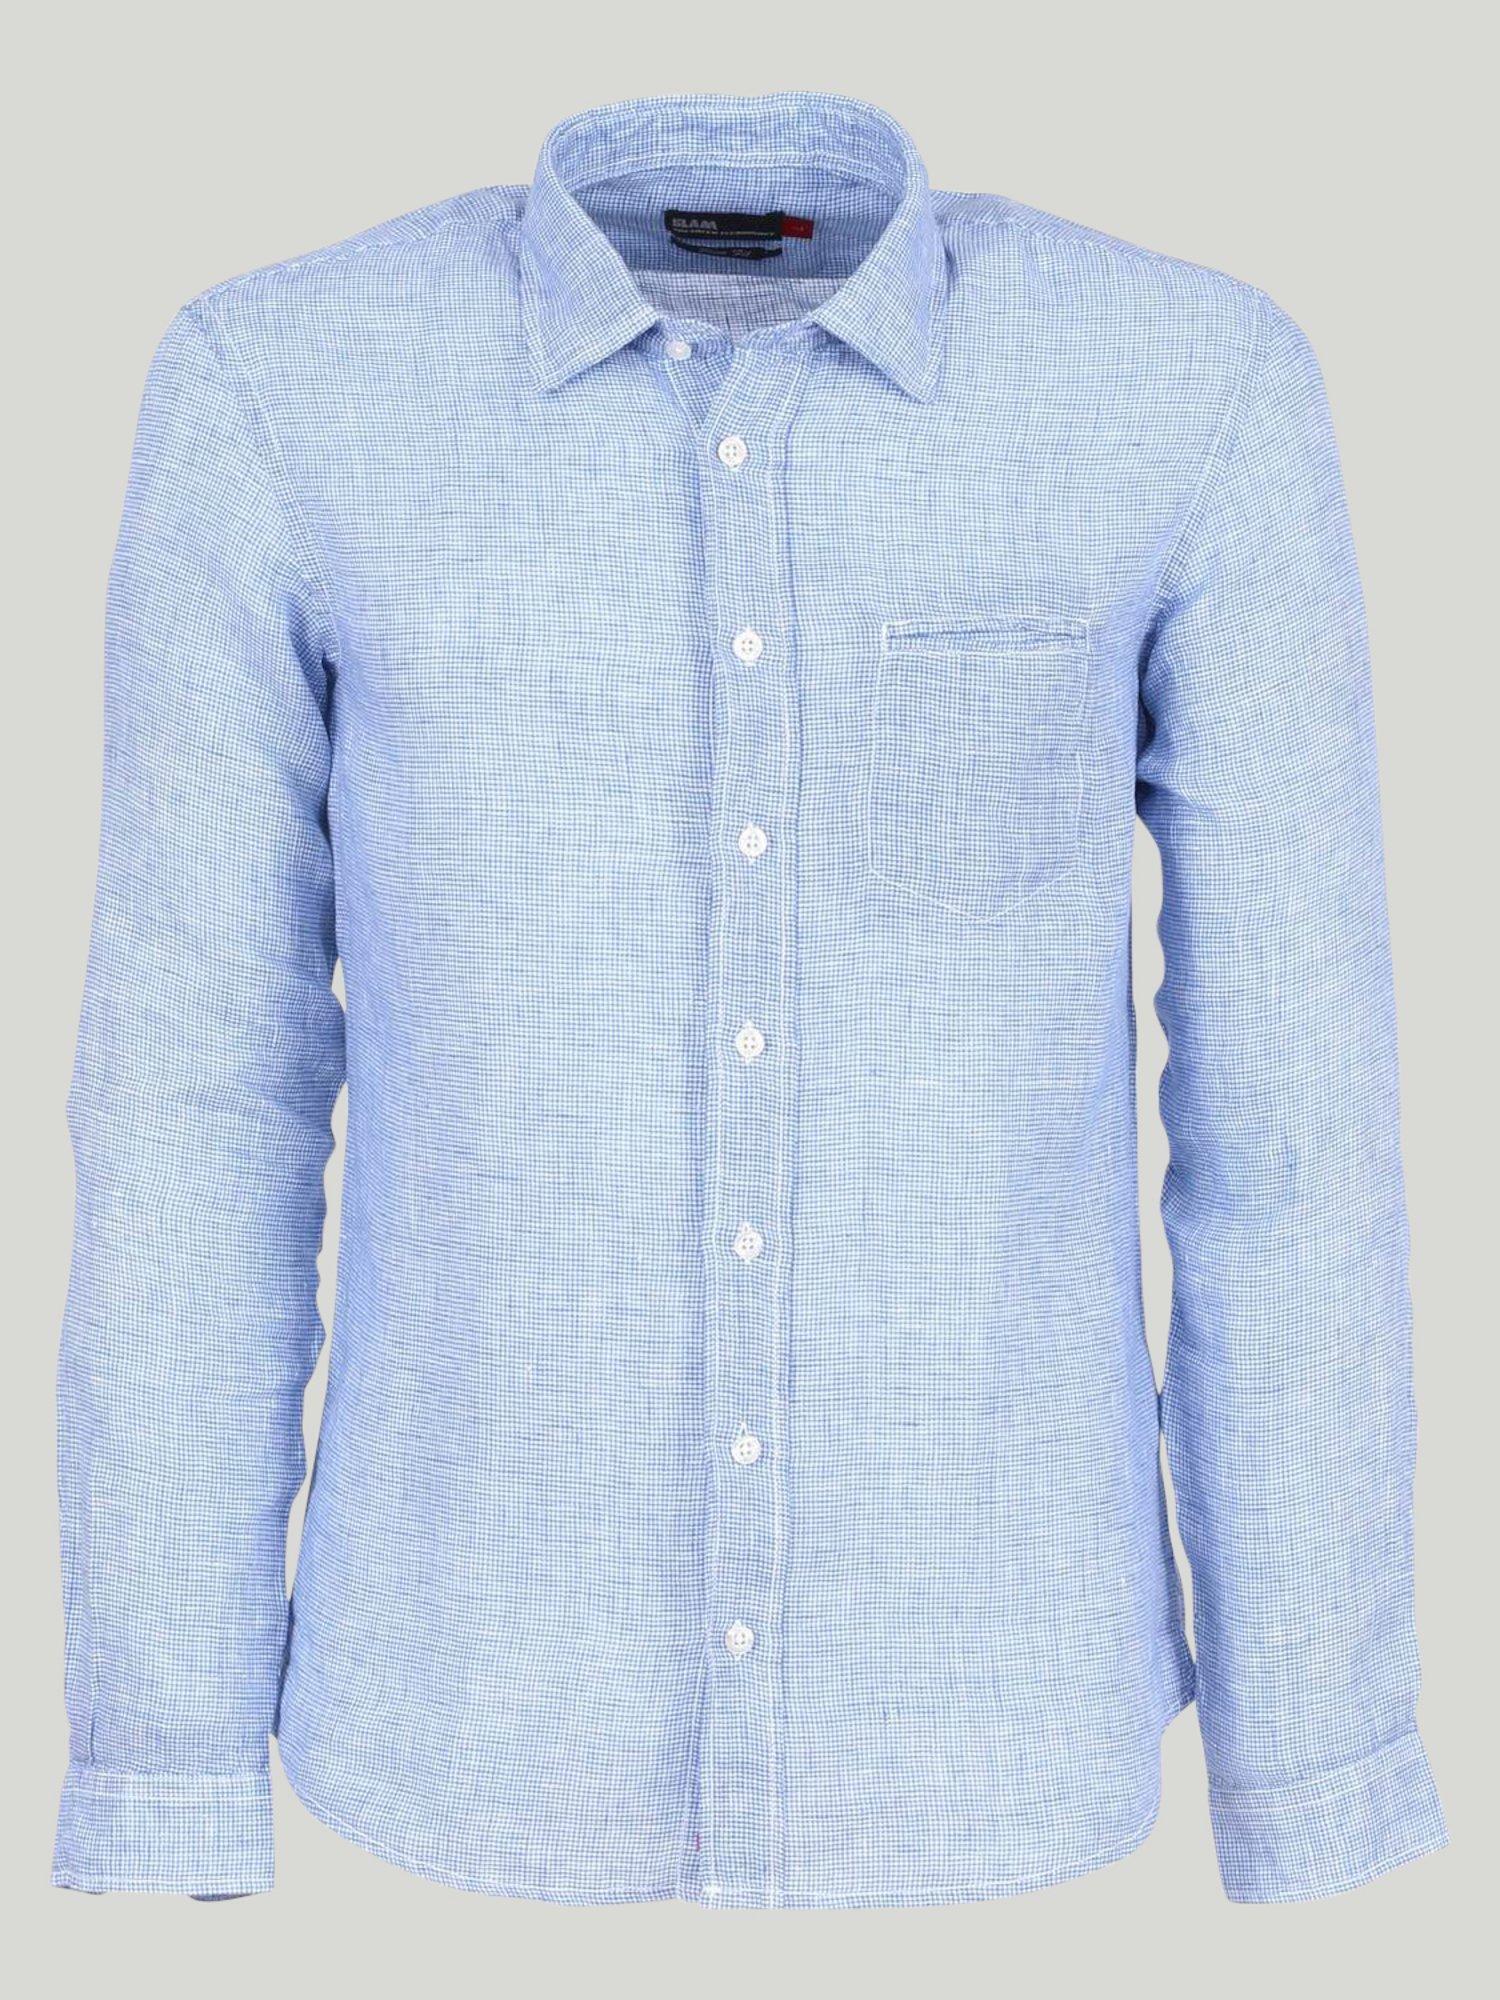 Clench shirt - Pied De Poule Light Blue / White